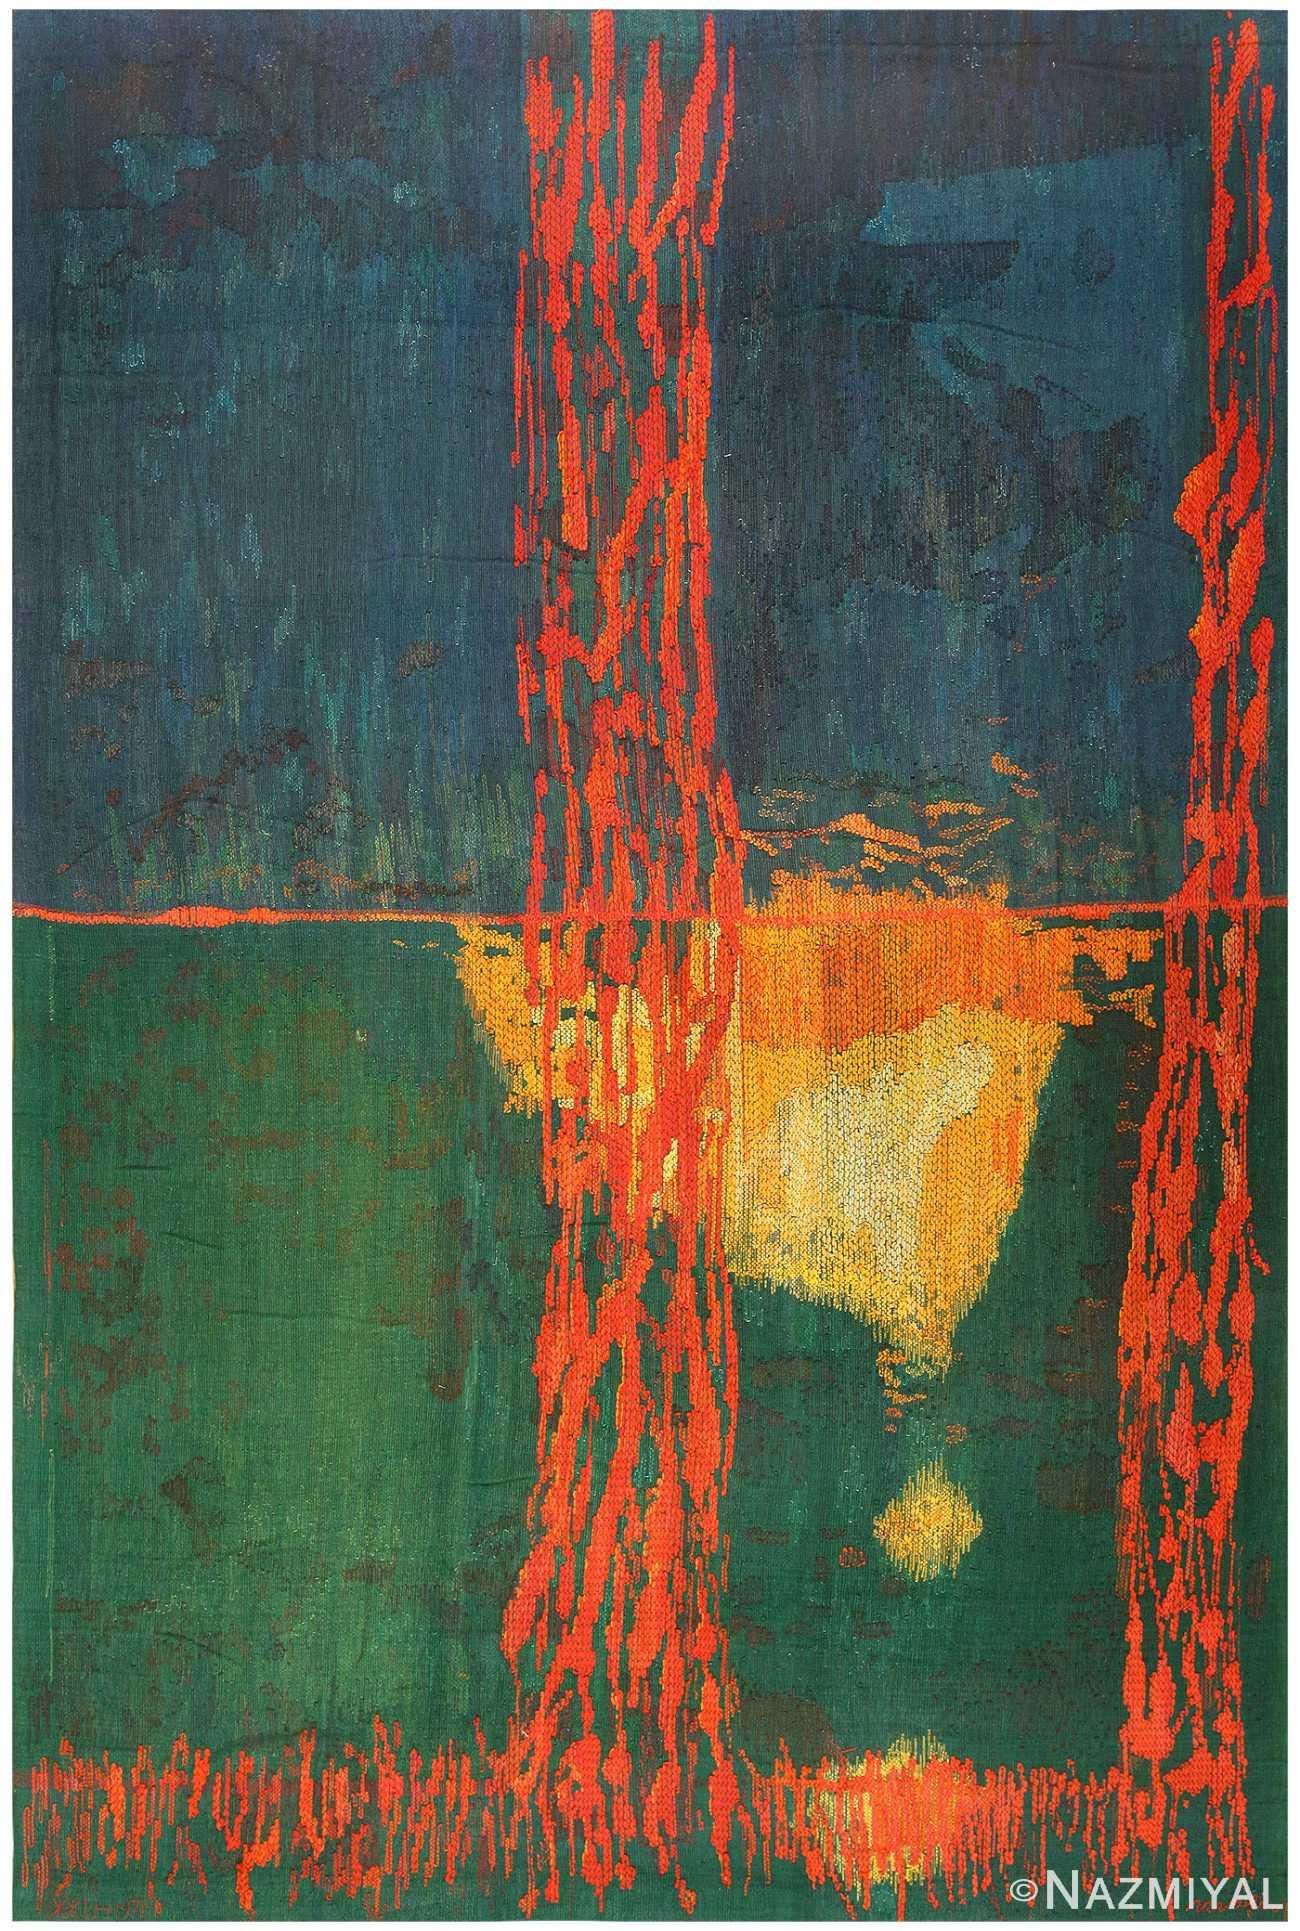 """""""Spegelnatt"""" Tapestry, 1971 by Brita Molin 48313 Nazmiyal"""